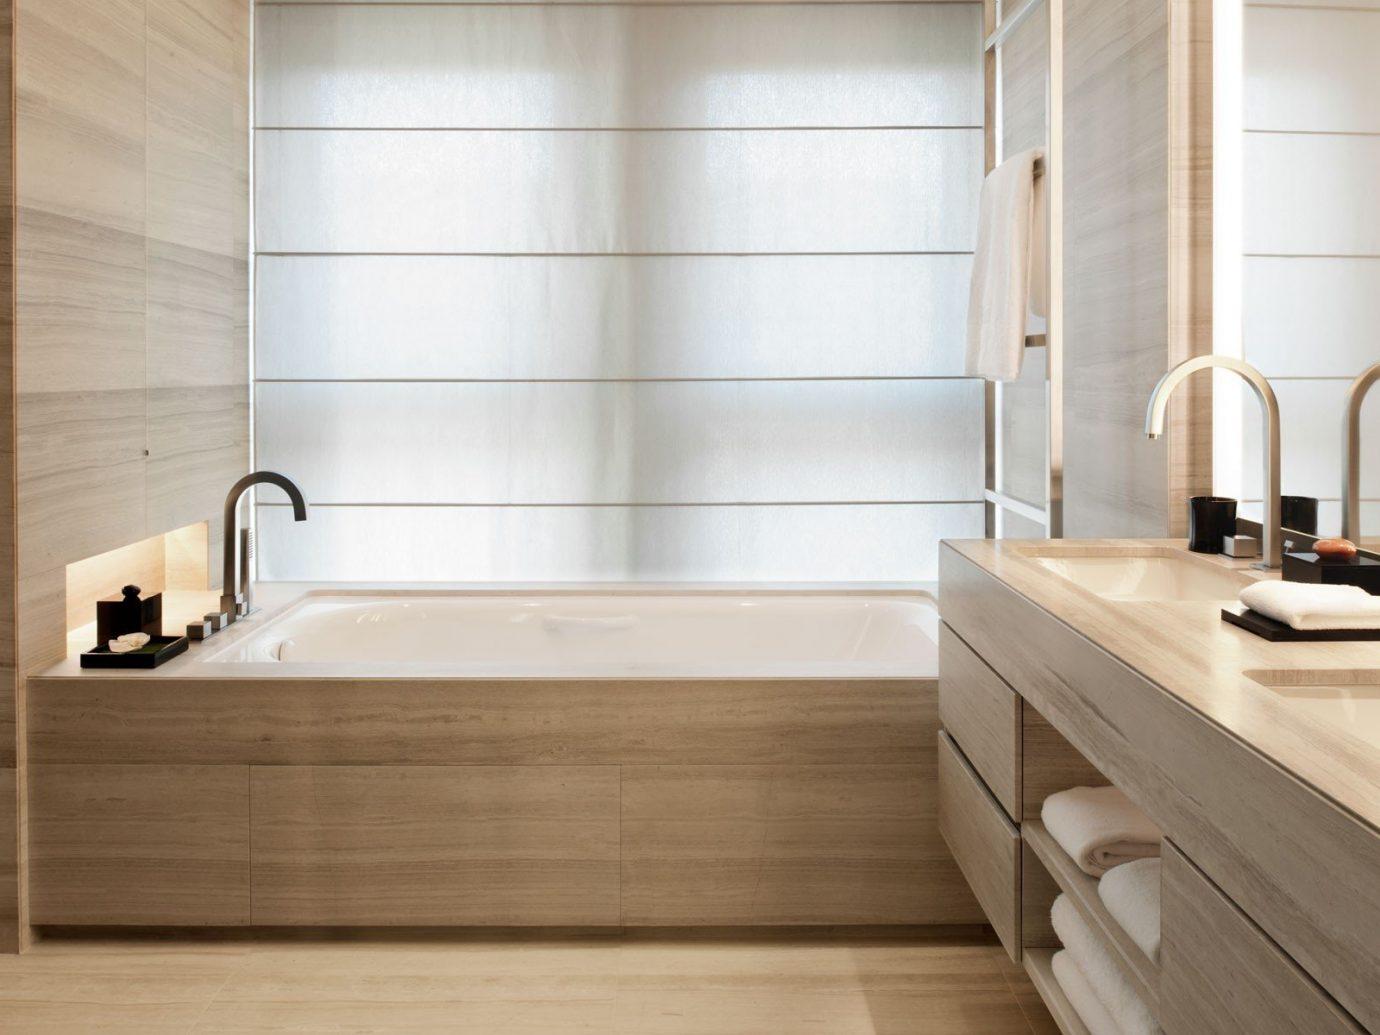 Hotels indoor room bathroom floor plumbing fixture sink cabinetry hardwood bathtub interior design flooring countertop wood tile furniture Design wood flooring bathroom cabinet